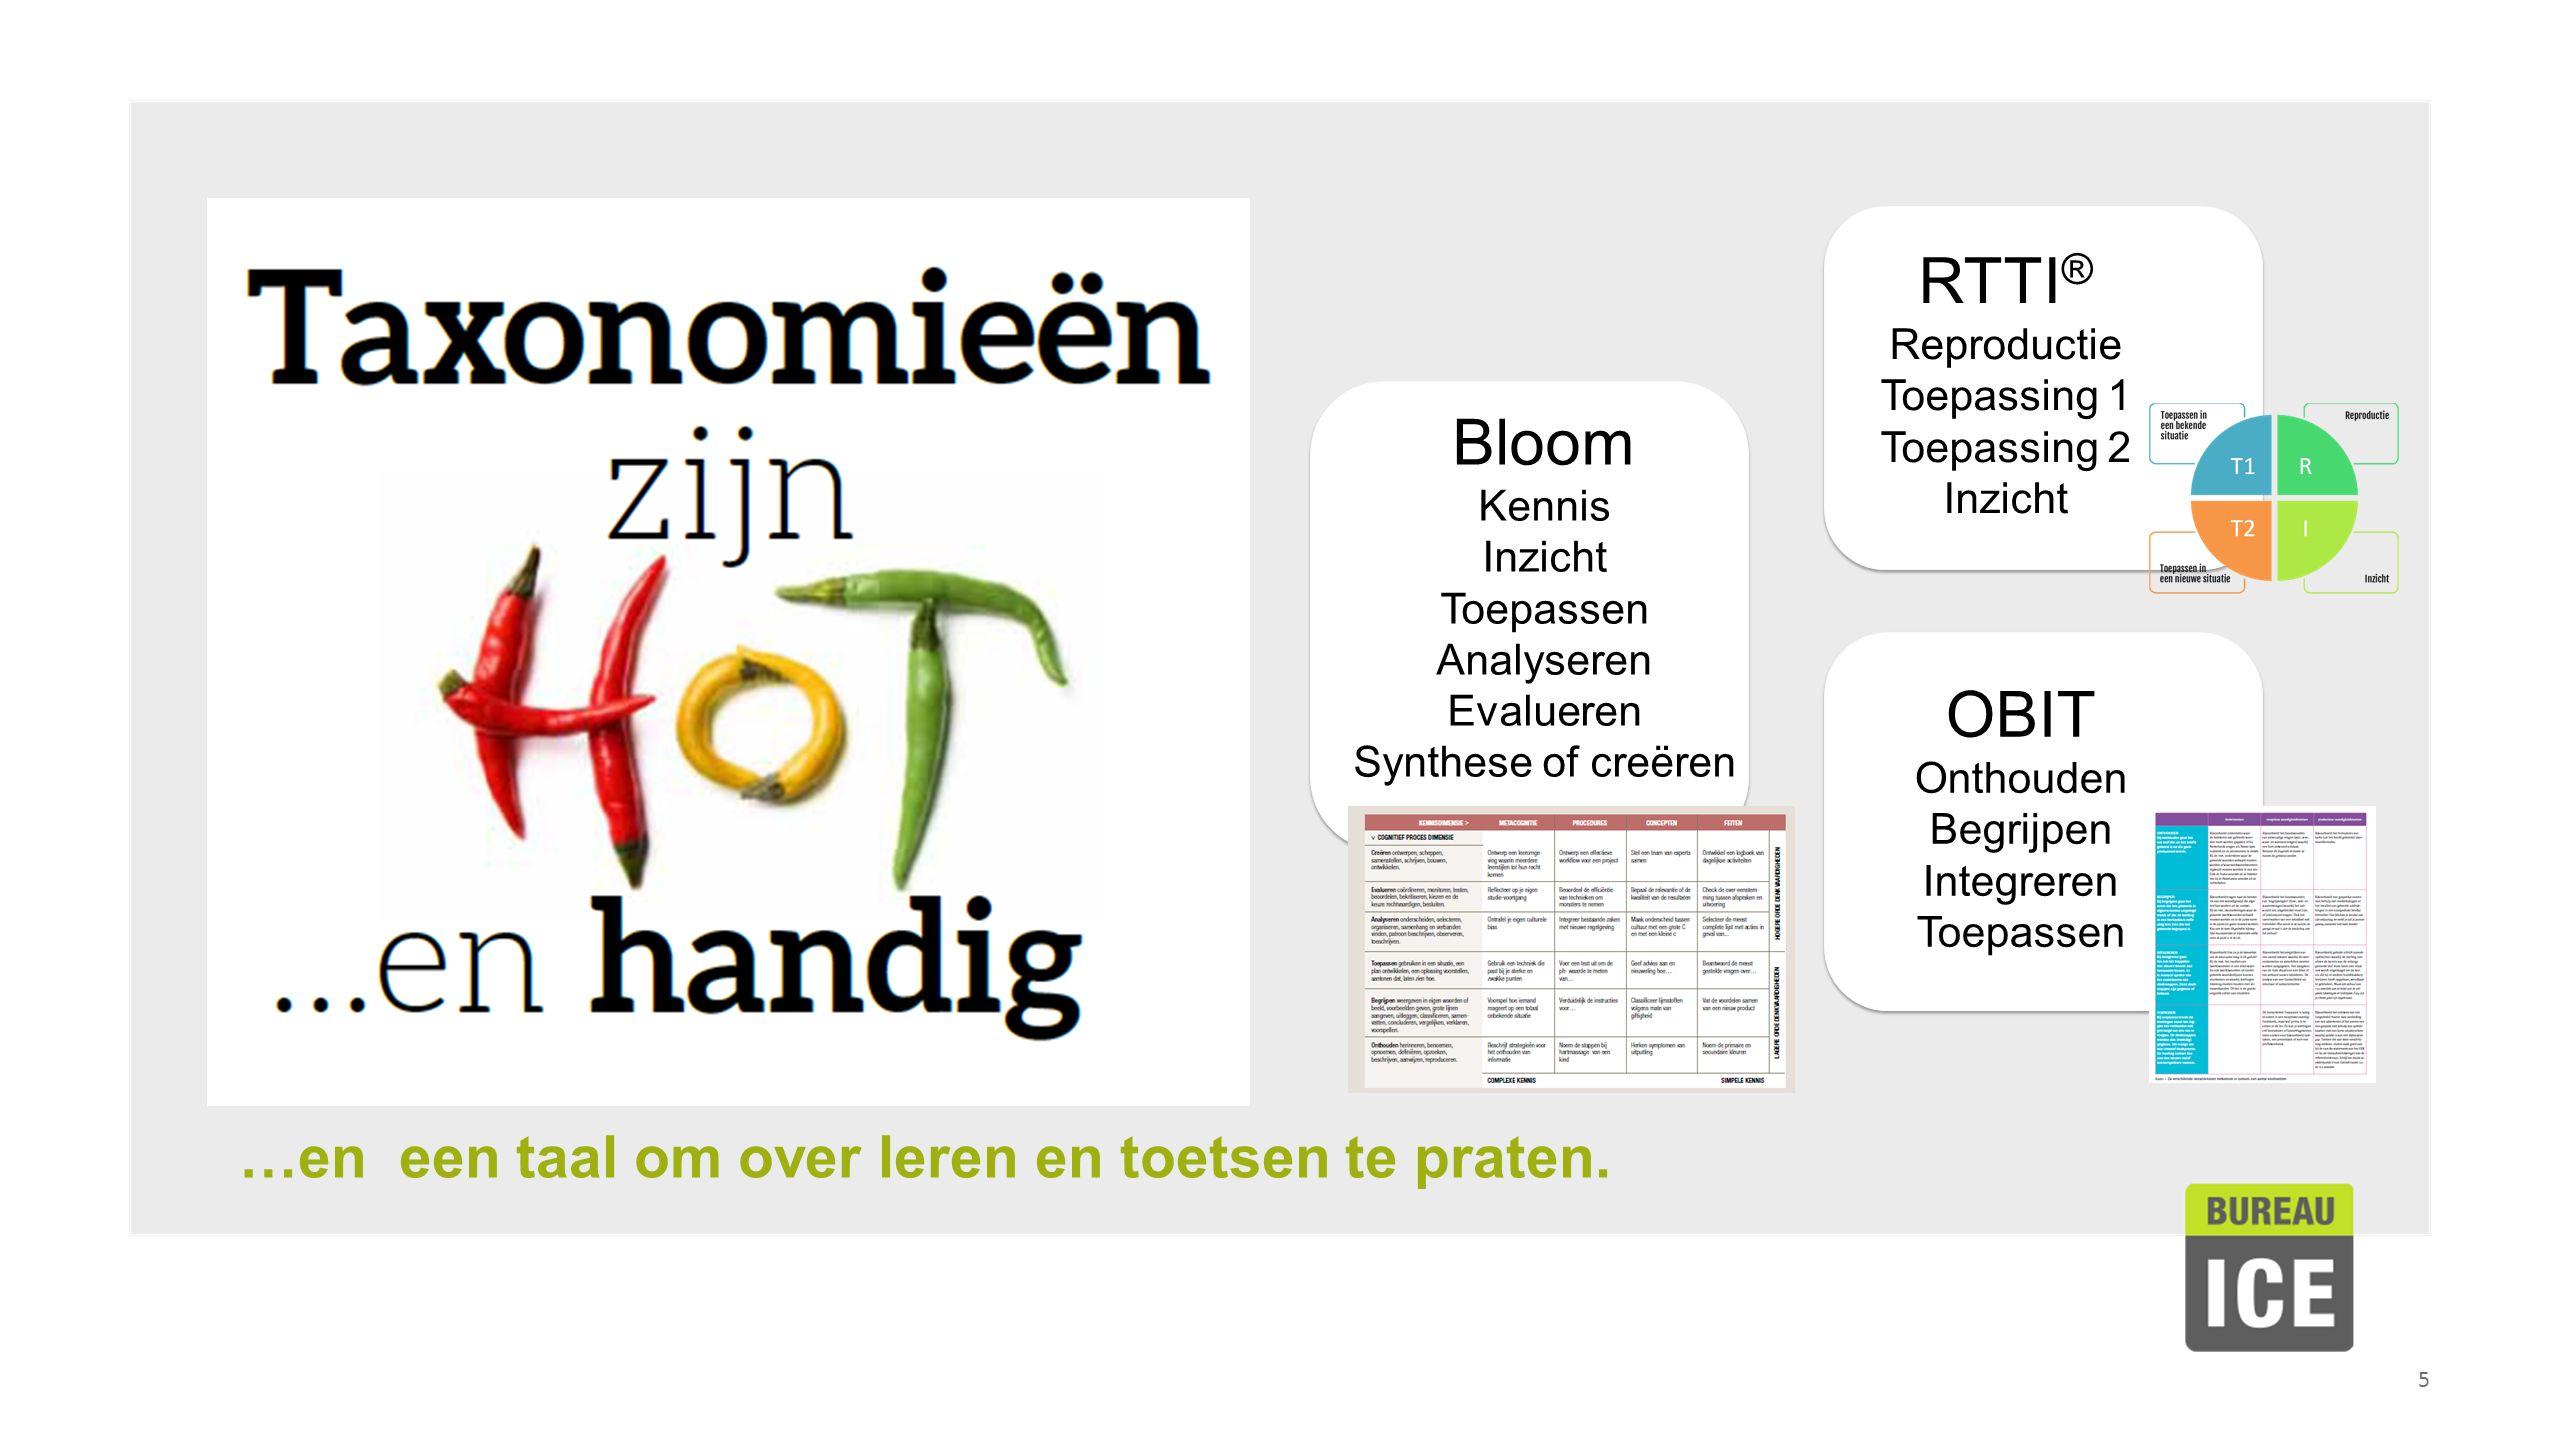 5 Bloom Kennis Inzicht Toepassen Analyseren Evalueren Synthese of creëren RTTI ® Reproductie Toepassing 1 Toepassing 2 Inzicht OBIT Onthouden Begrijpe